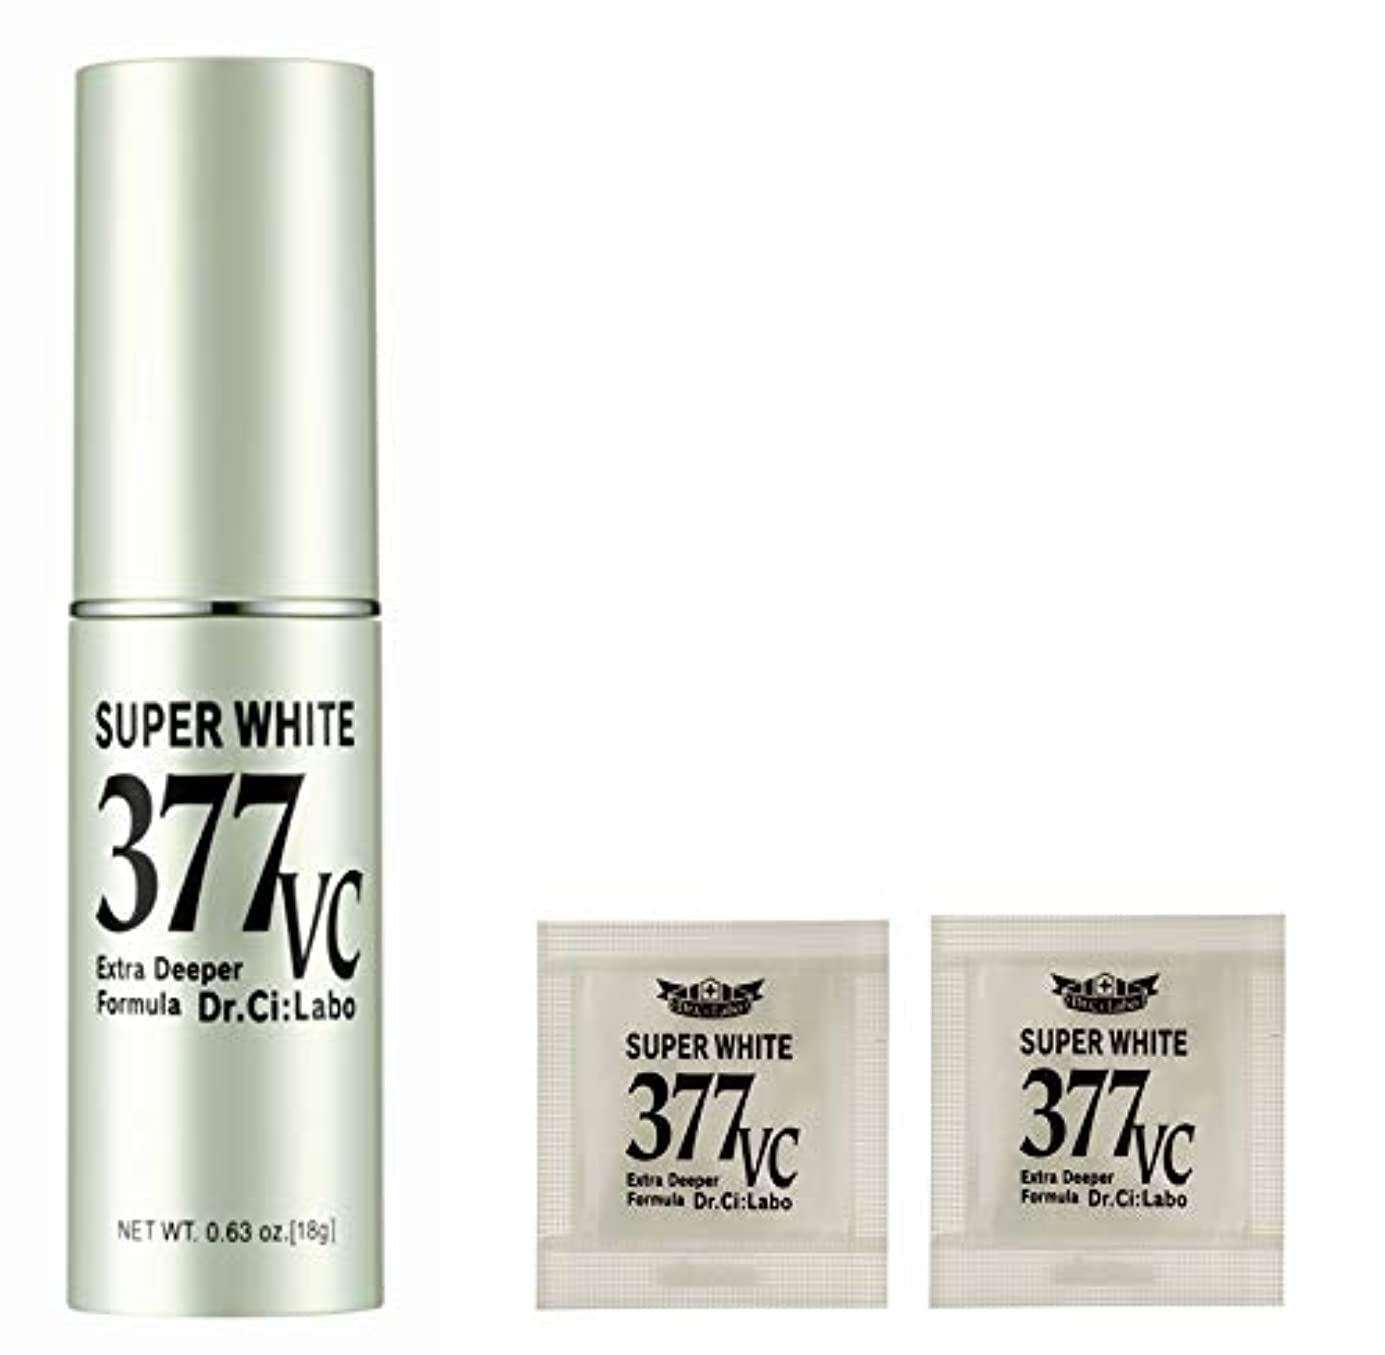 混乱した写真を撮る算術【Amazon.co.jp 限定】ドクターシーラボ スーパーホワイト377VC 18g+サンプルパウチ 美容液